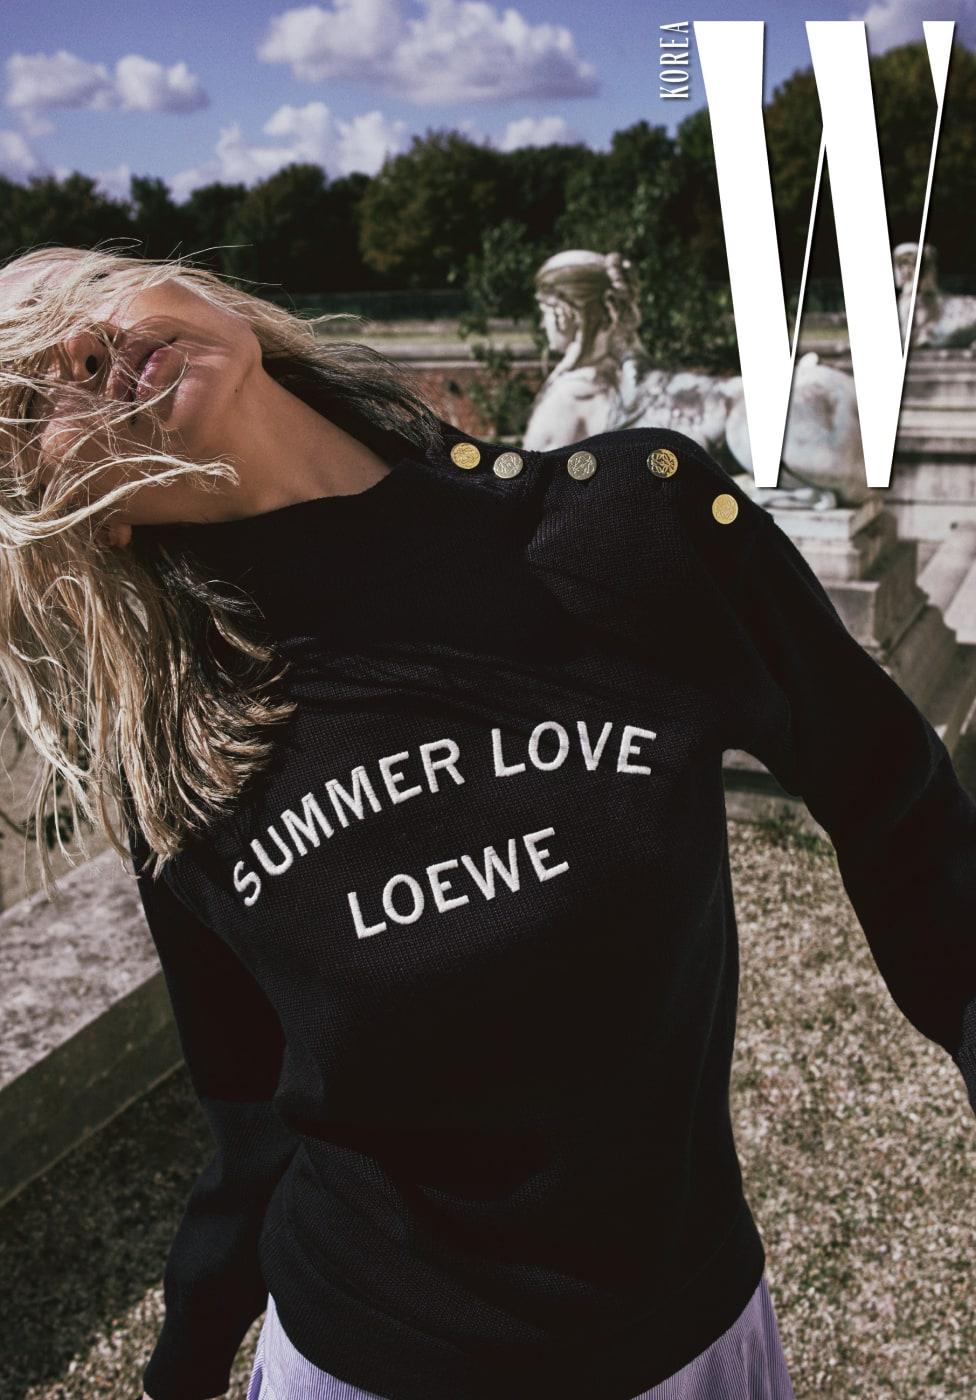 어깨 부분 스냅이 포인트인 레터링 스웨터와 줄무늬 패턴 스커트는 Loewe 제품.